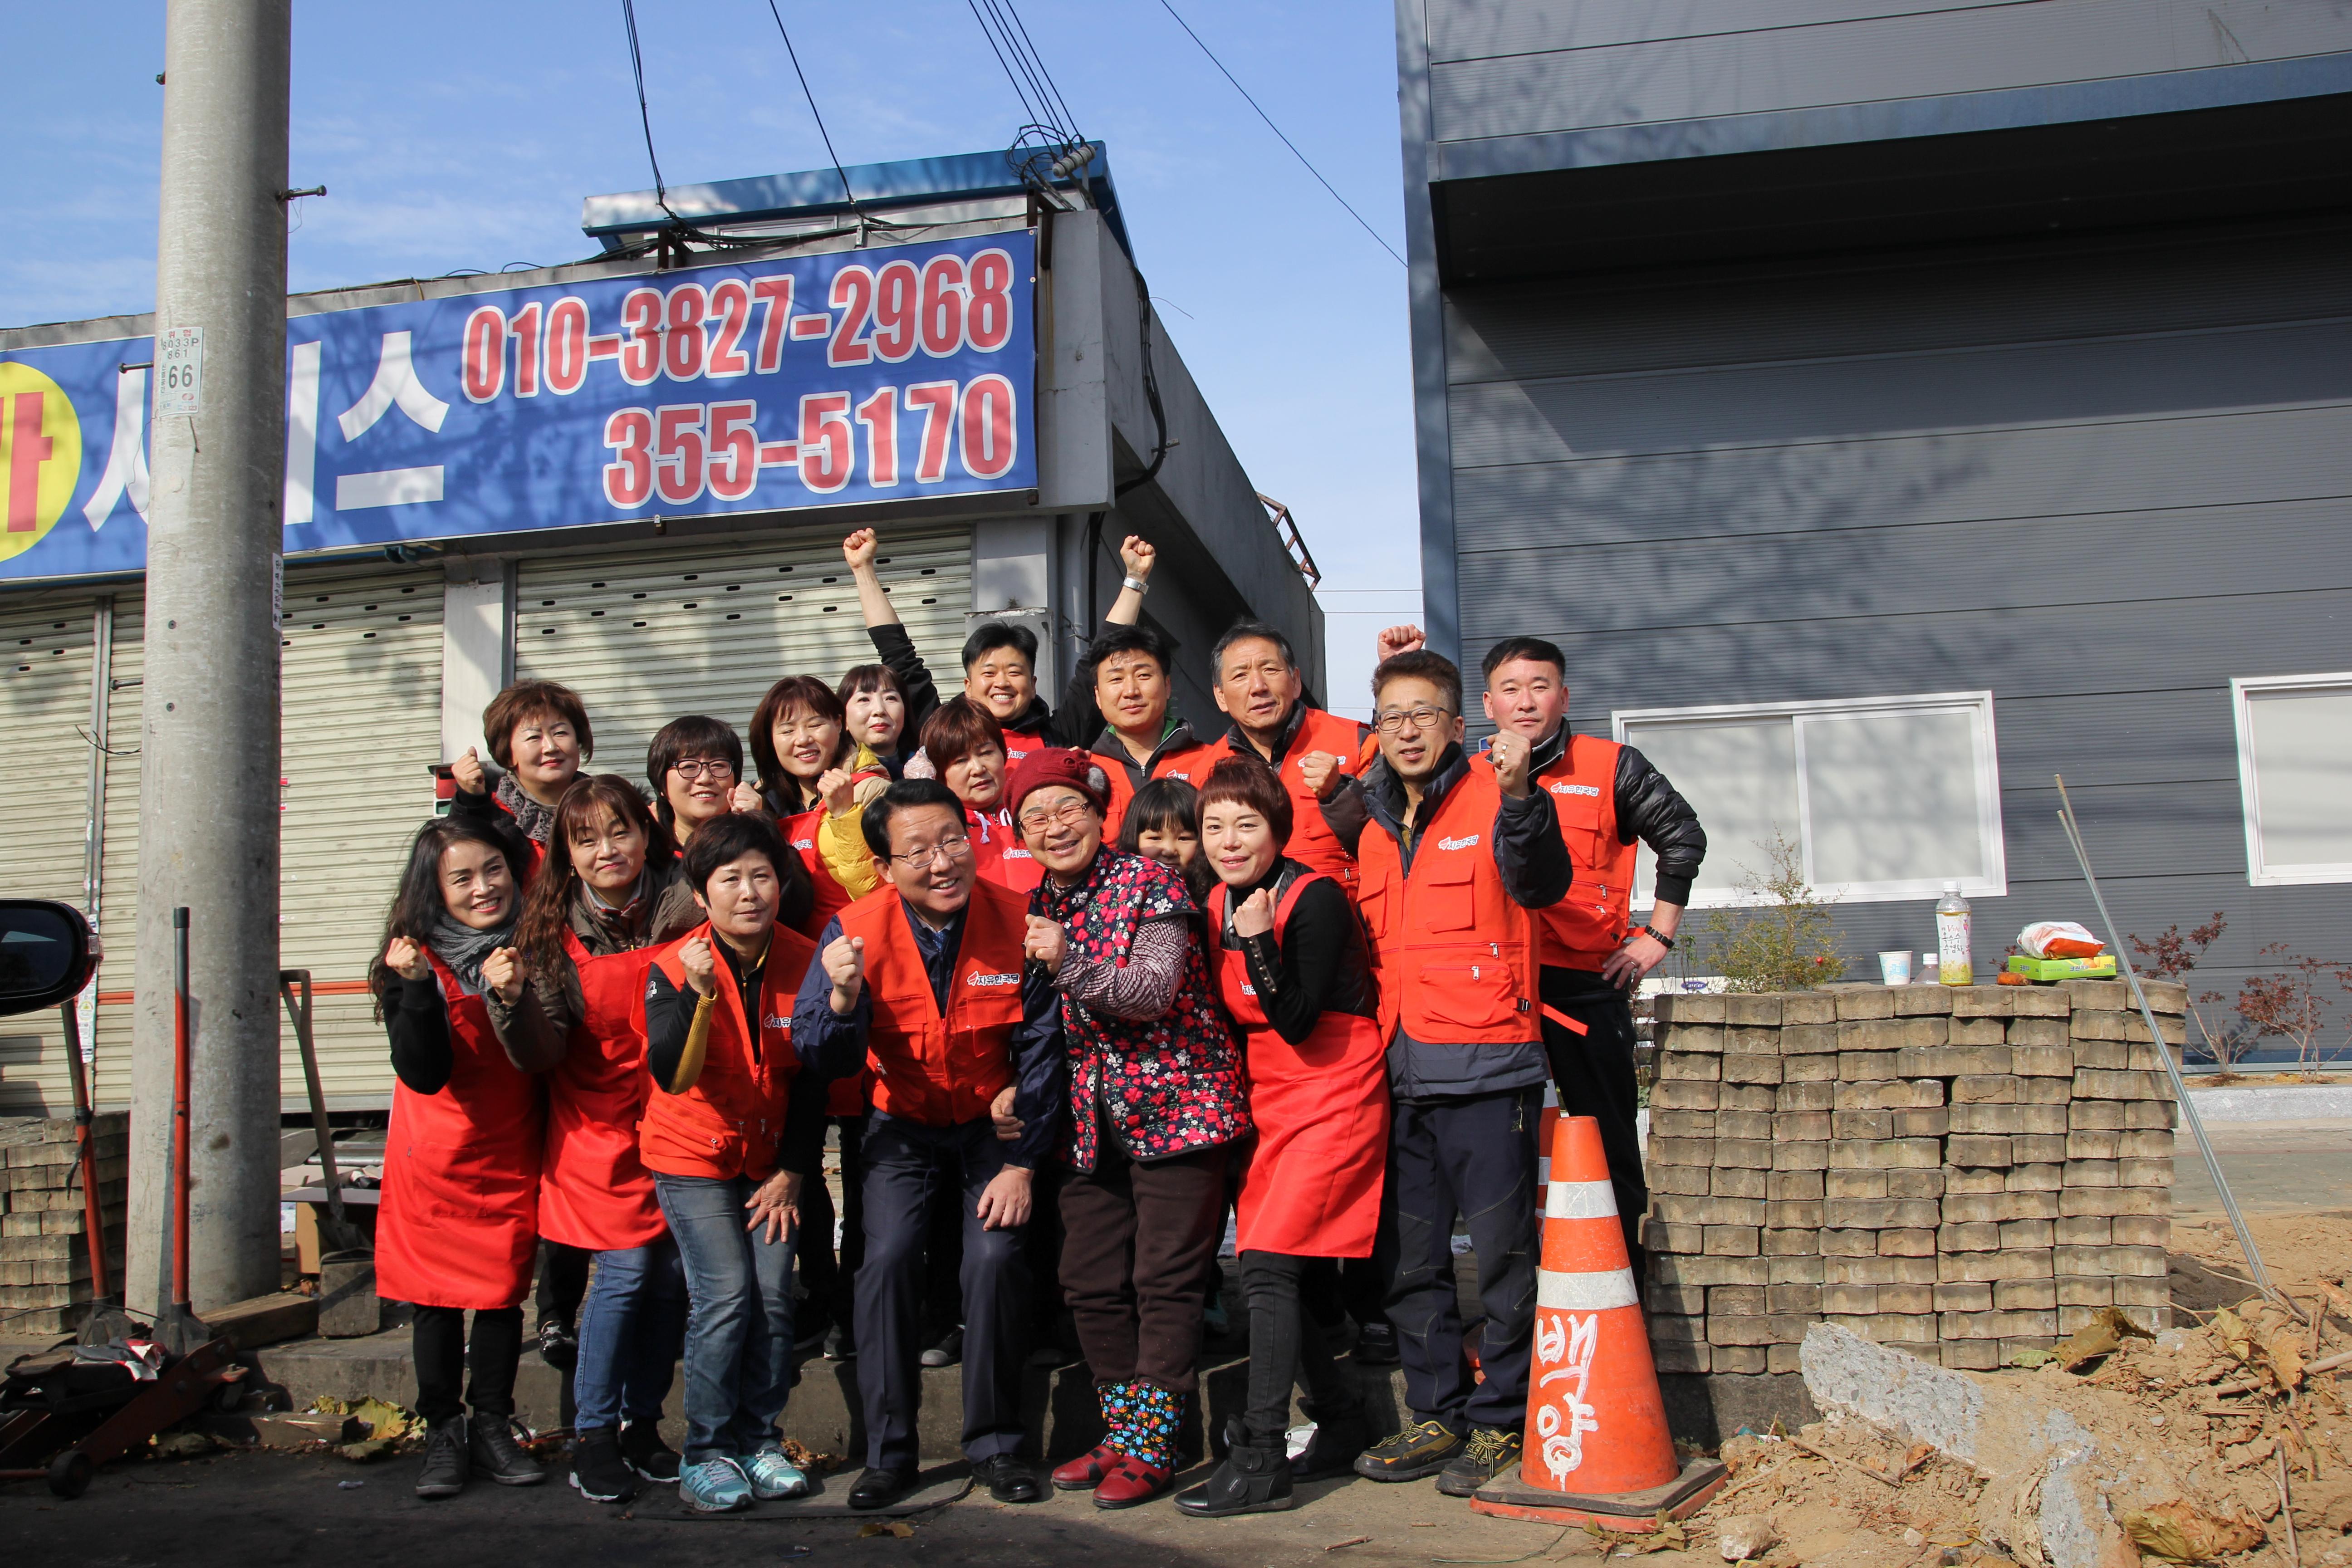 6한국당.jpg